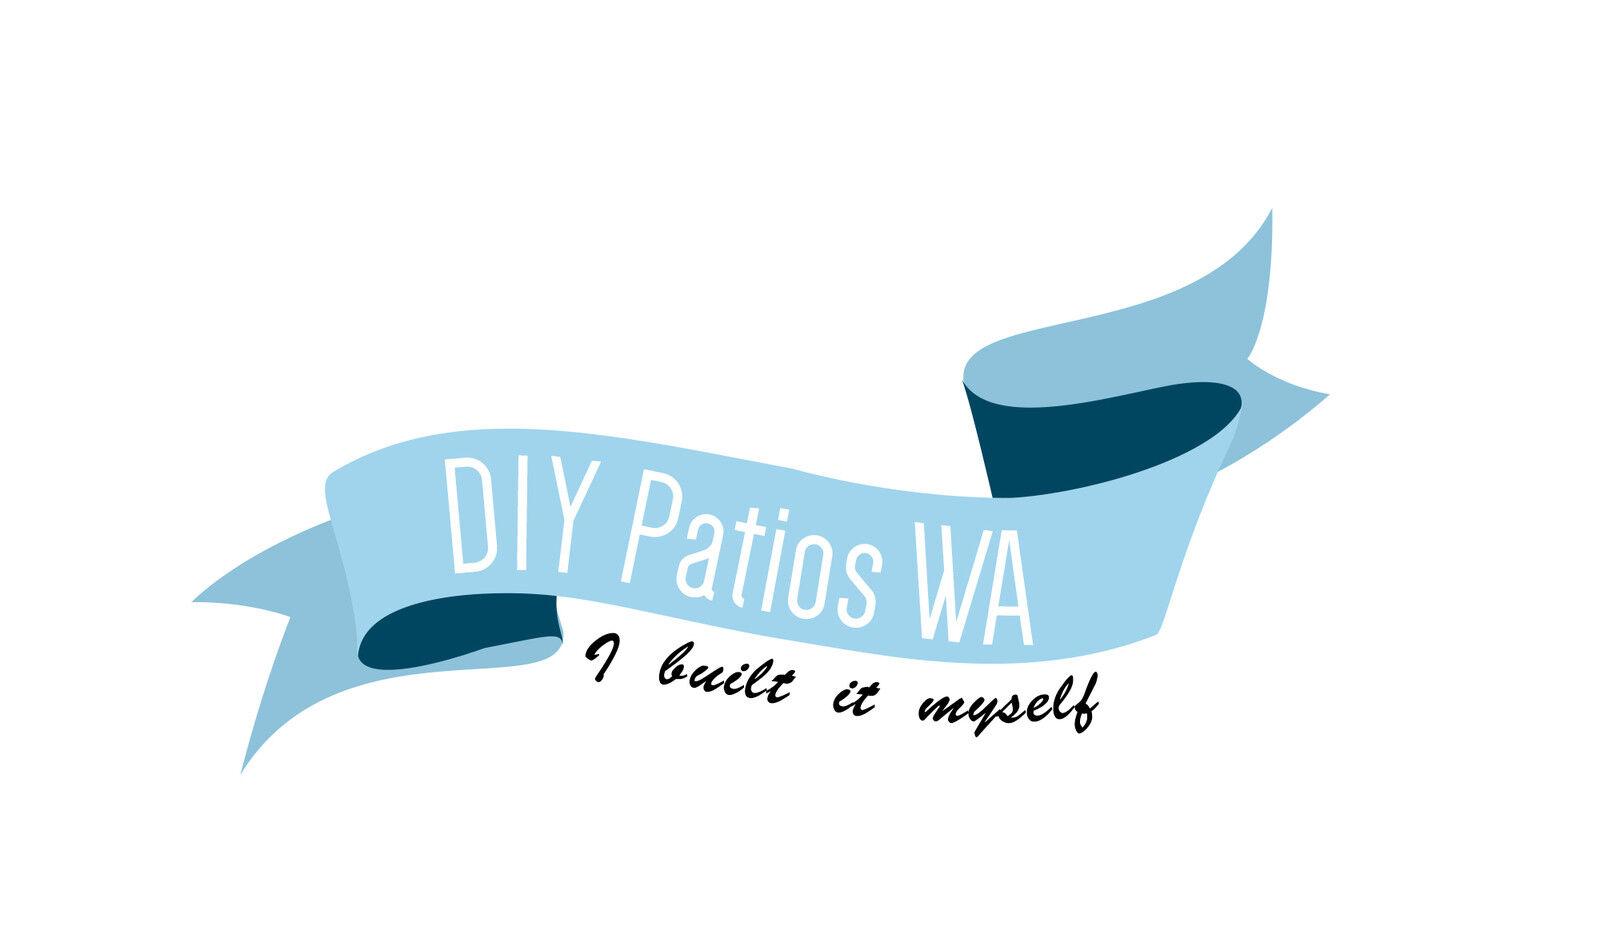 DIY Patios WA